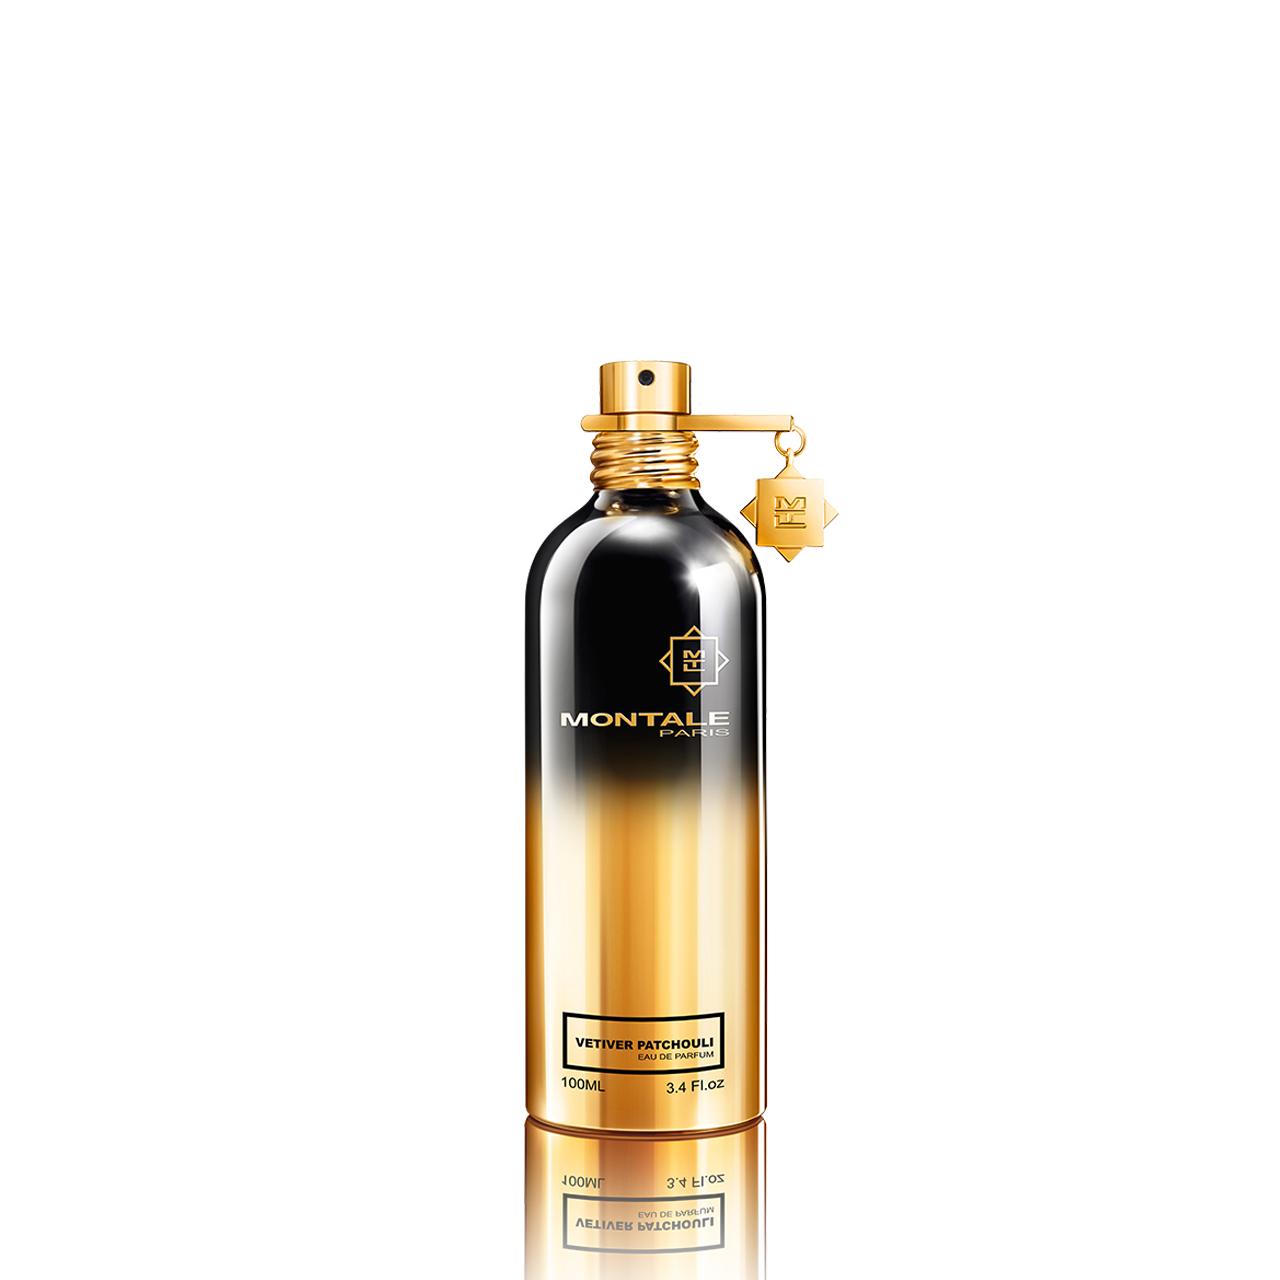 Vetiver Patchouli - Eau de Parfum